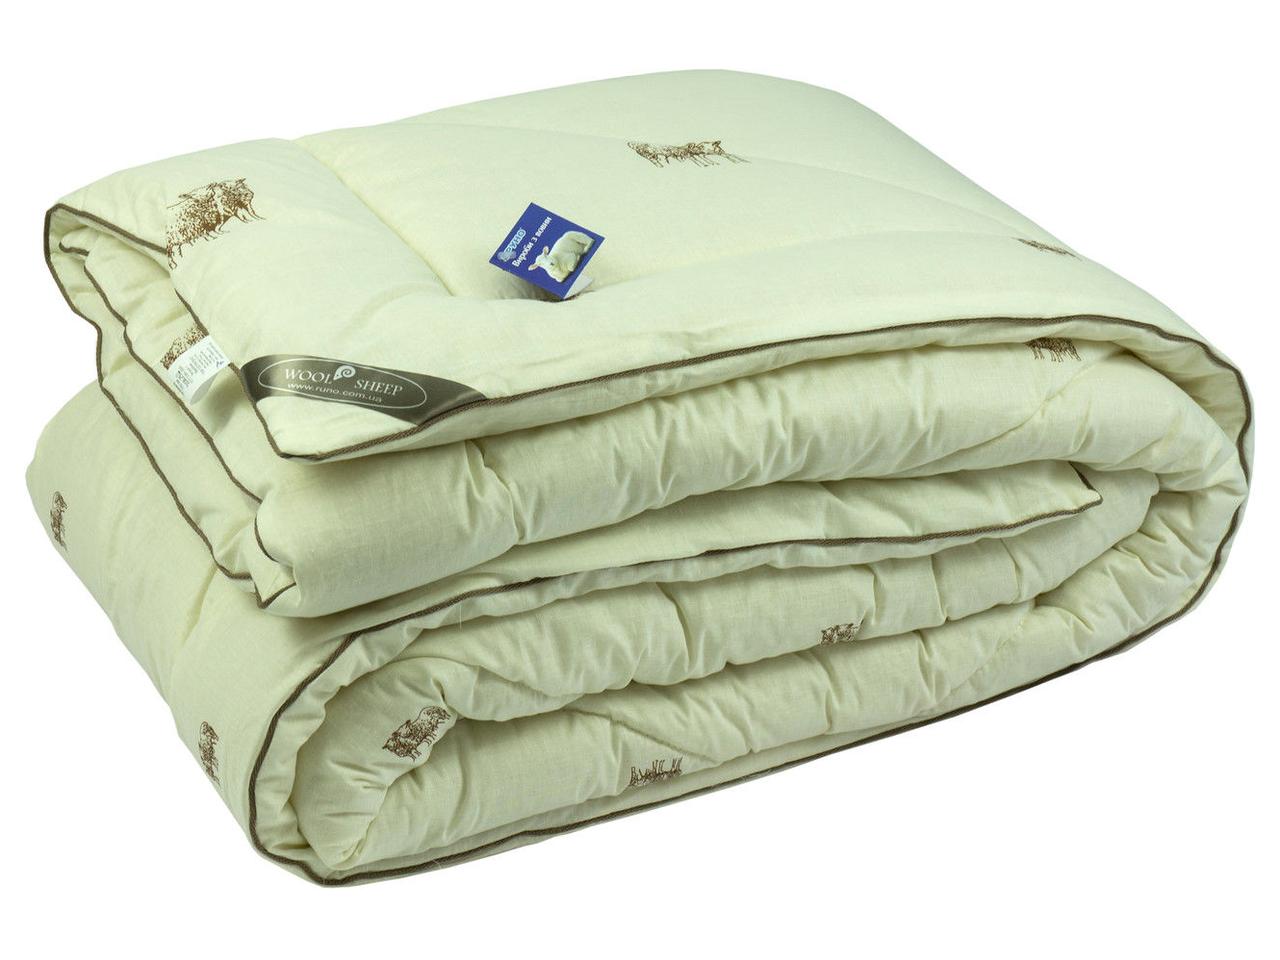 Одеяло шерстяное Руно SHEEP зимнее 140х205 полуторное